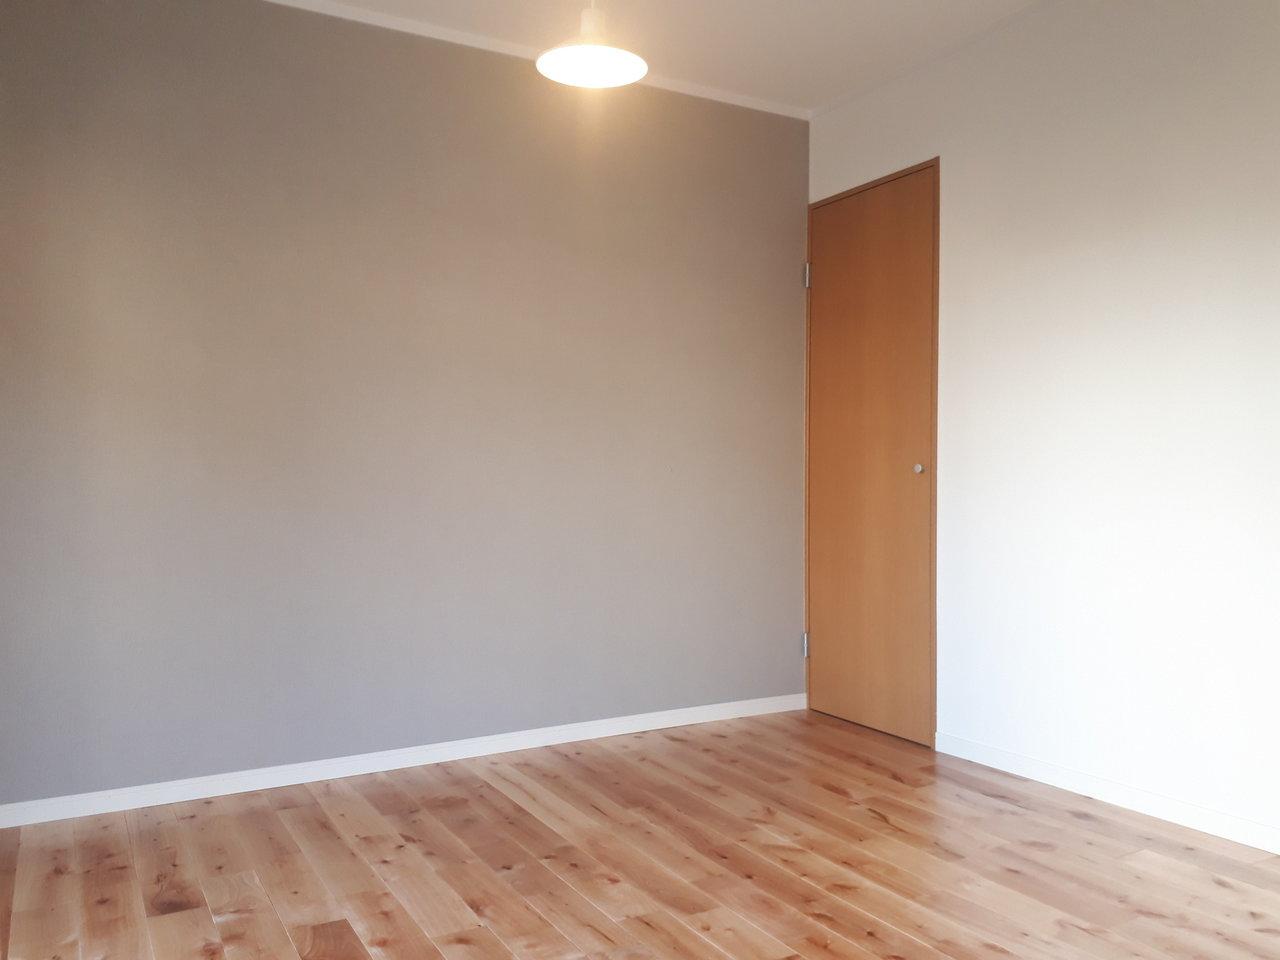 この物件の魅力は、なんといってもこのアクセントクロス。濃い色合いの無垢床と合う、深い灰色を選びました。